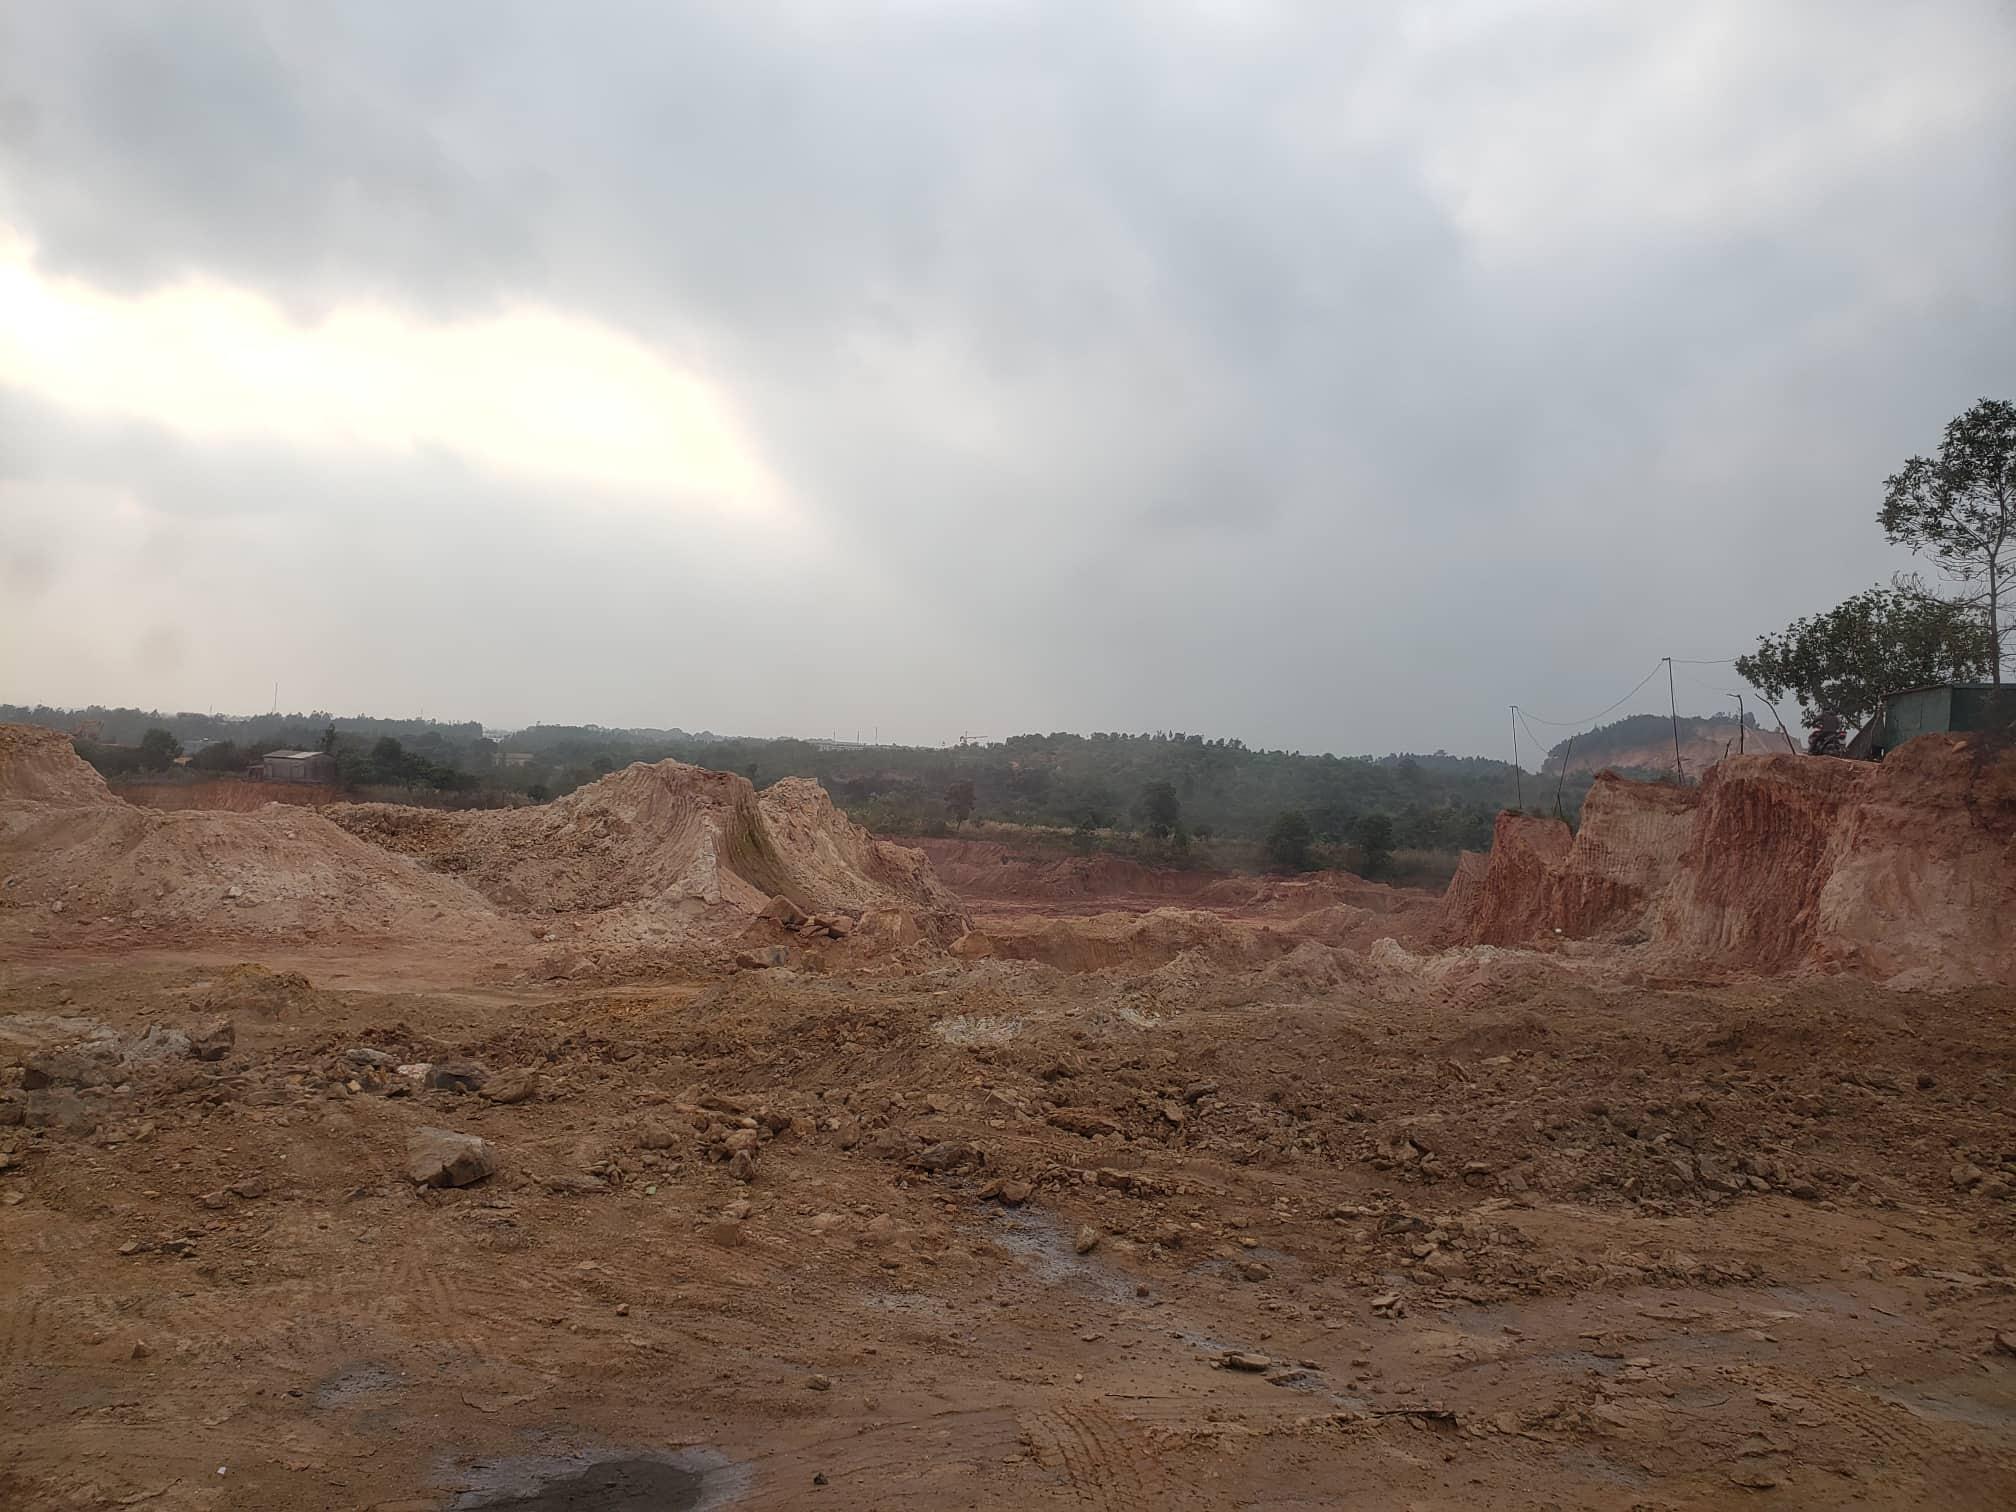 Vĩnh Yên - Vĩnh Phúc: Thực trạng khai thác đất trái phép tại phường Khai Quang - Ảnh 2